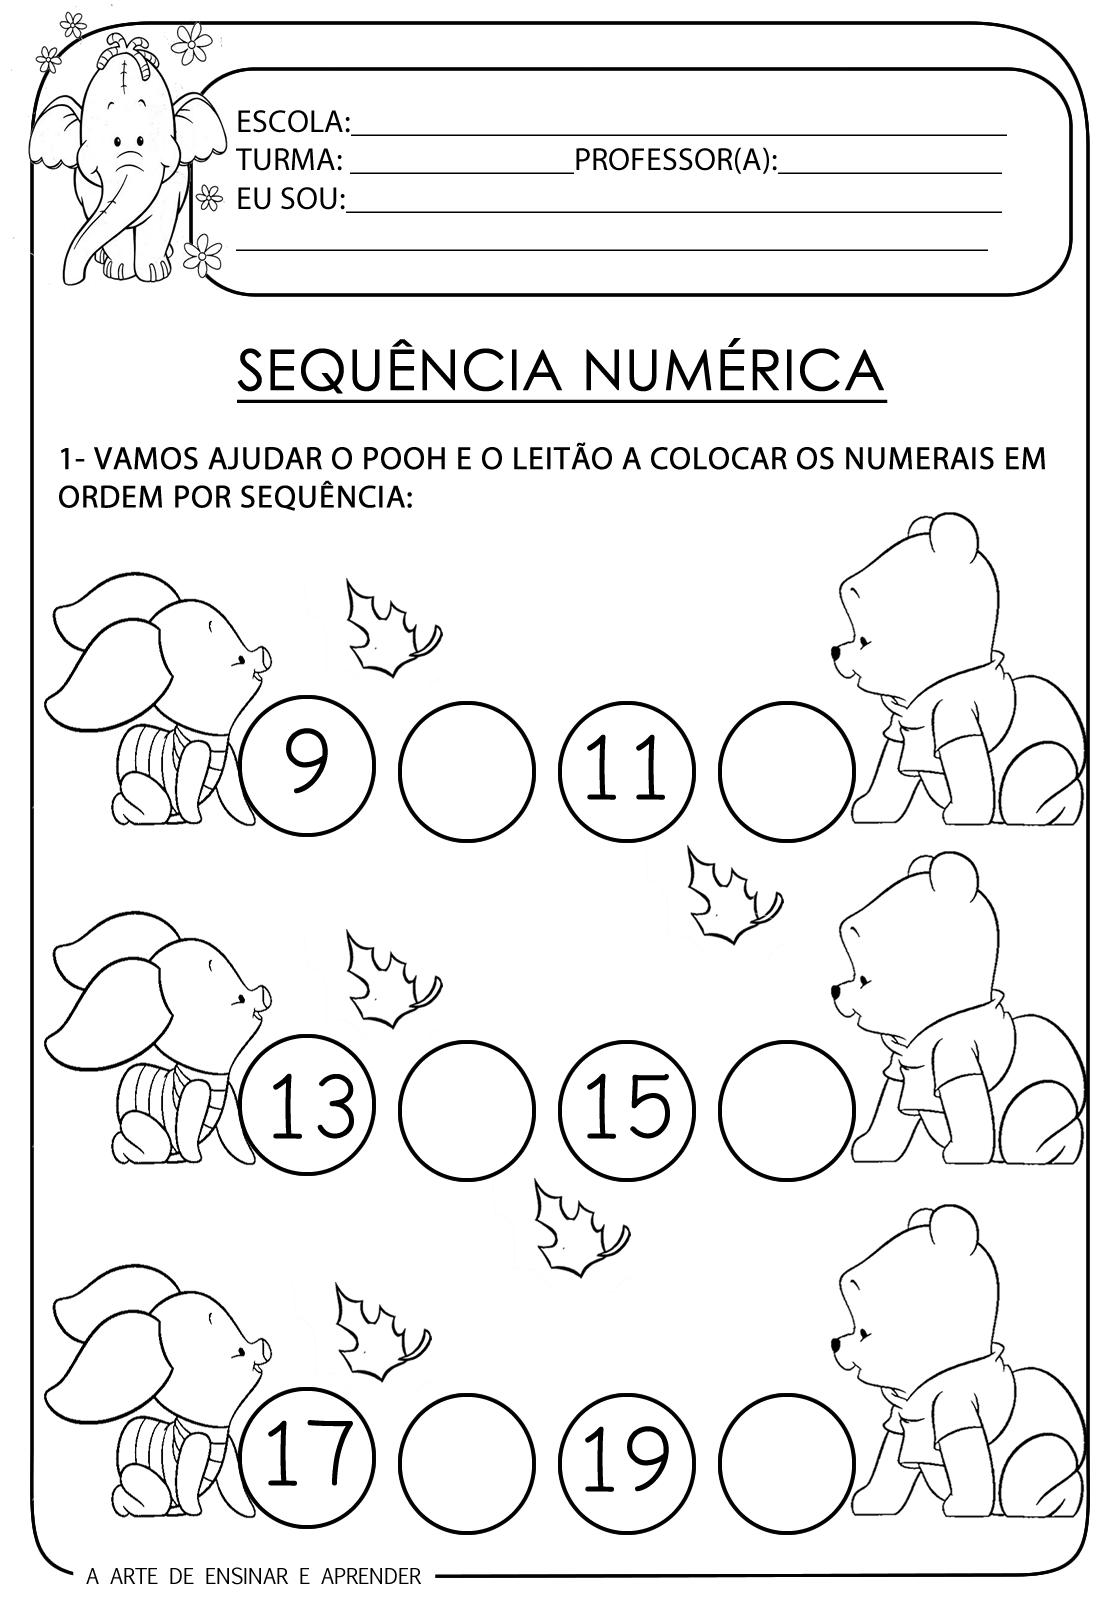 A Arte de Ensinar e Aprender: Atividade pronta - Sequência numérica ...